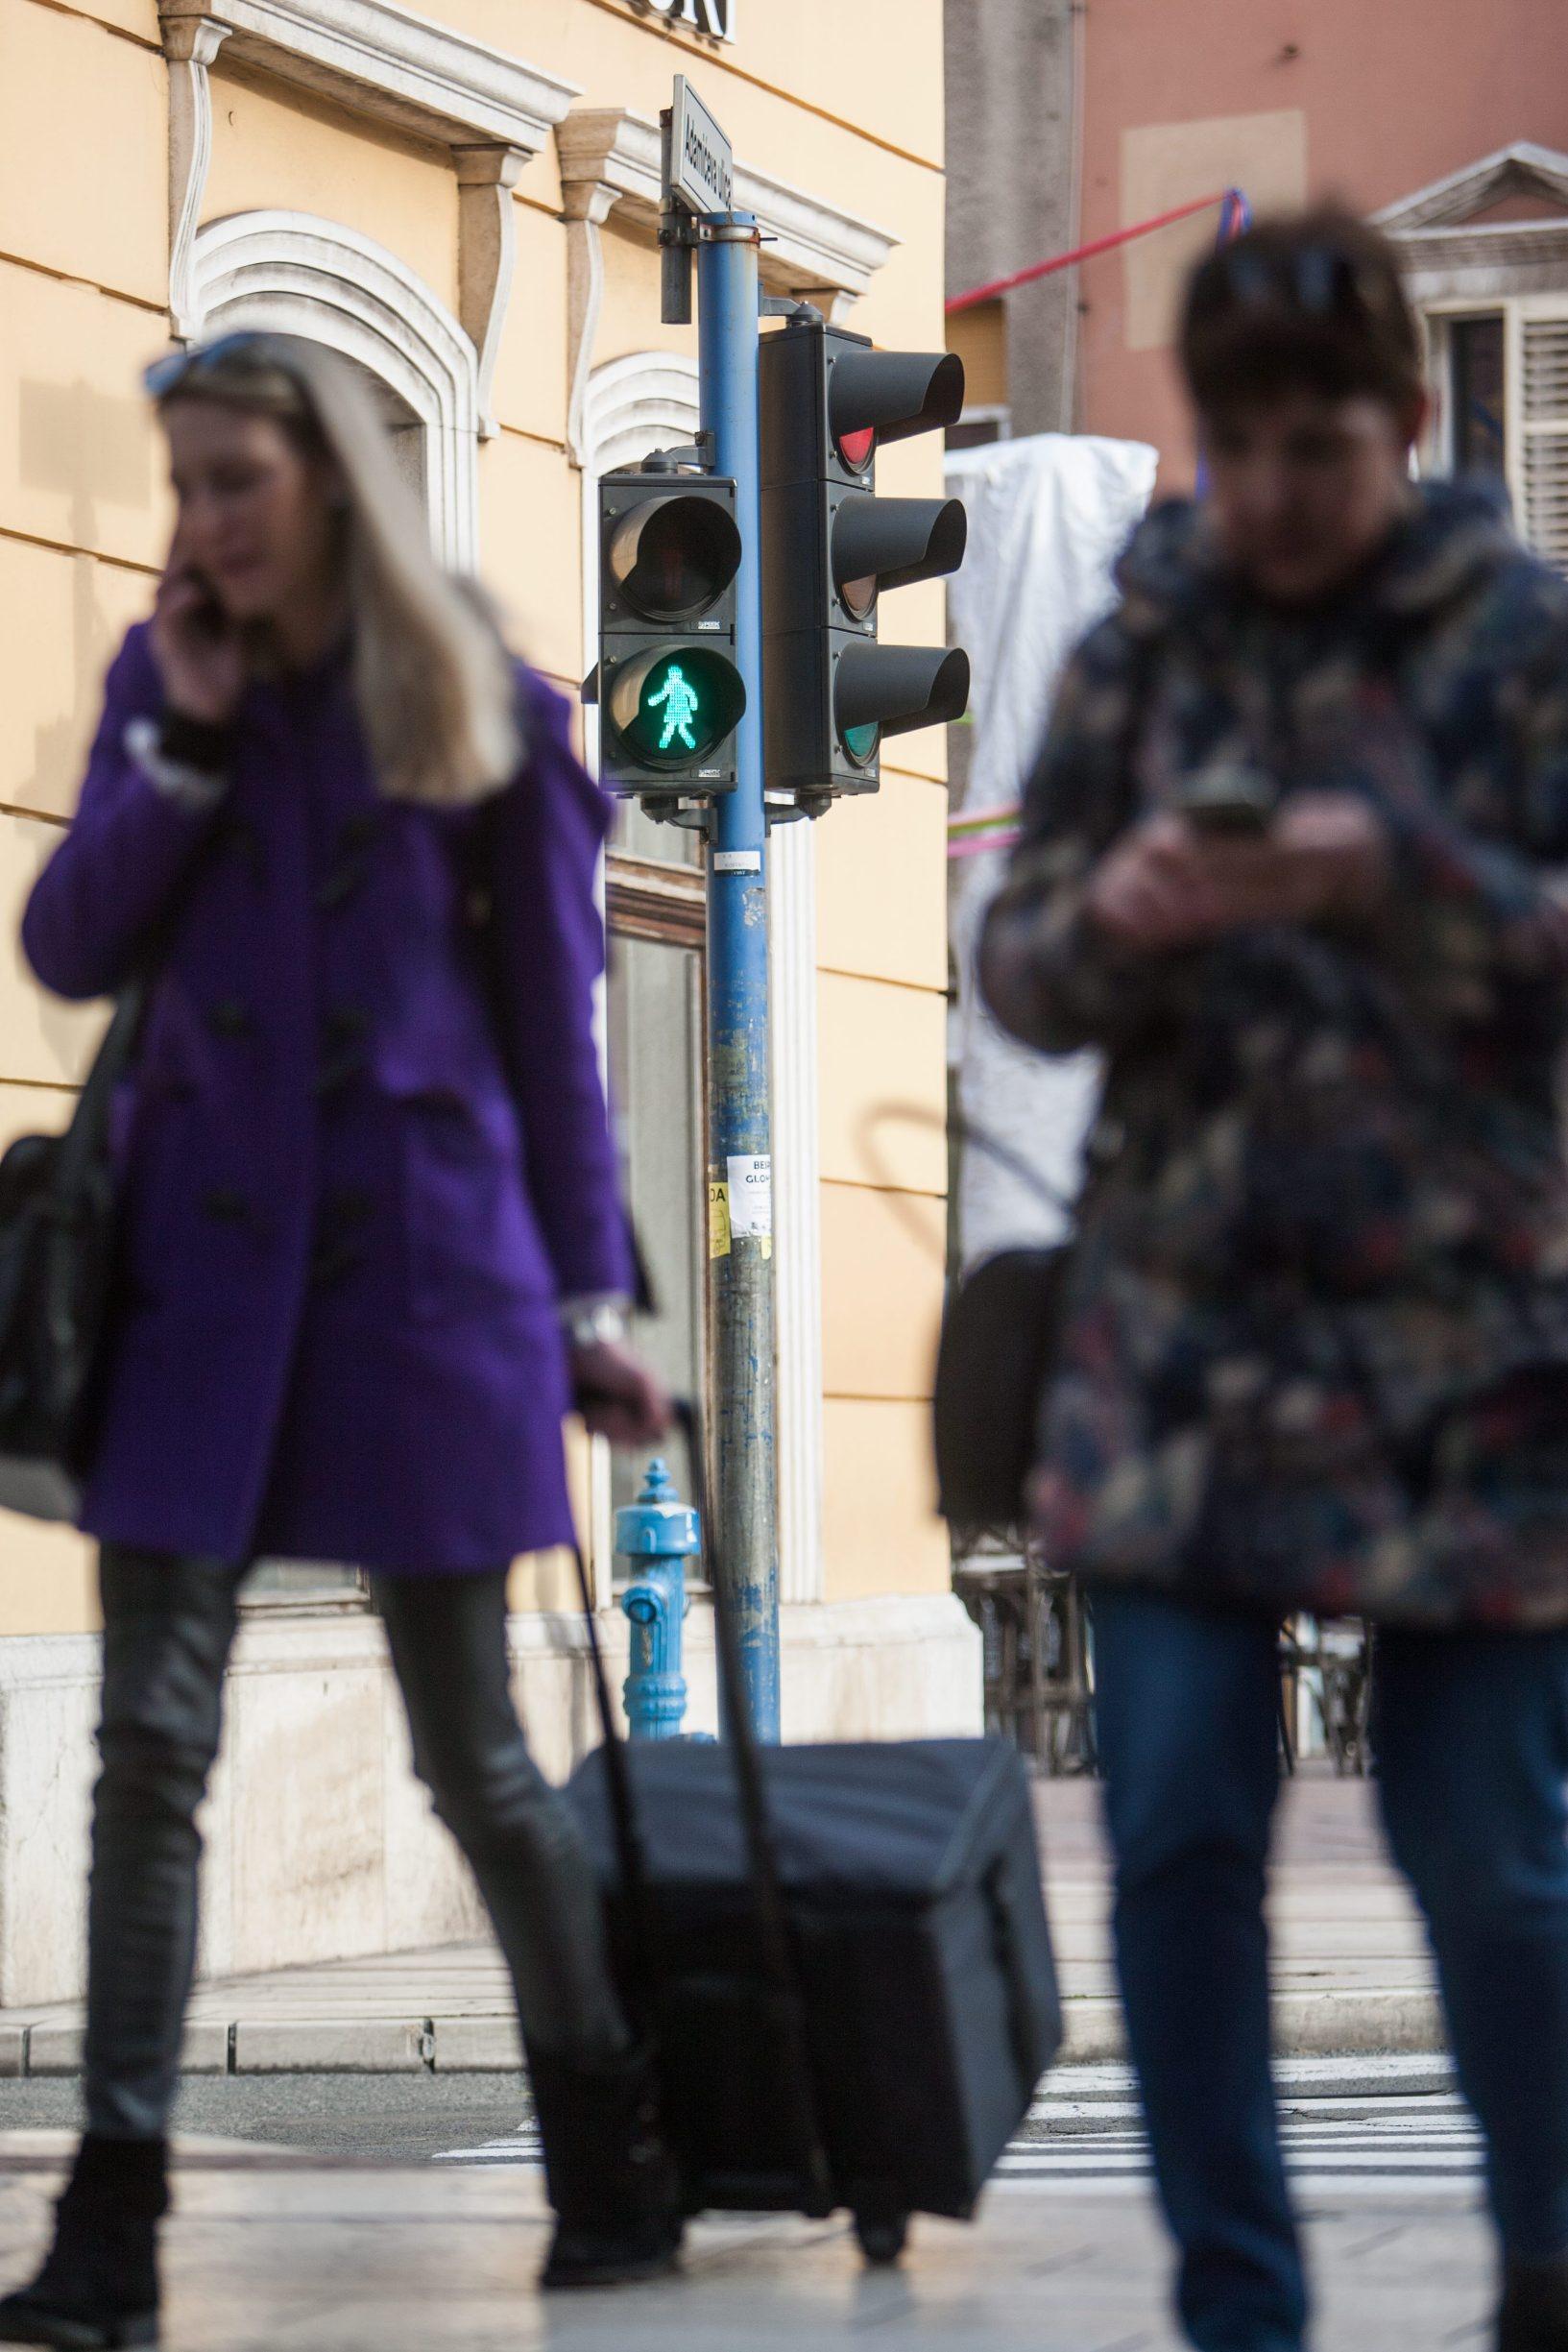 Rijeka, 210219. Kod Palace Modello postavljen je prvi zenski semafor. Klasicnog muskog lika pjesaka zamijenio je onaj zenski, a do Medjunarodnog dana zena ovakve zenske siluete pjesacima ce zasvijetliti na ukupno pet semafora na pjesackim prijelazima uzduz Adamiceve ulice. Na fotografiji: semafor. Foto: Matija Djanjesic / CROPIX